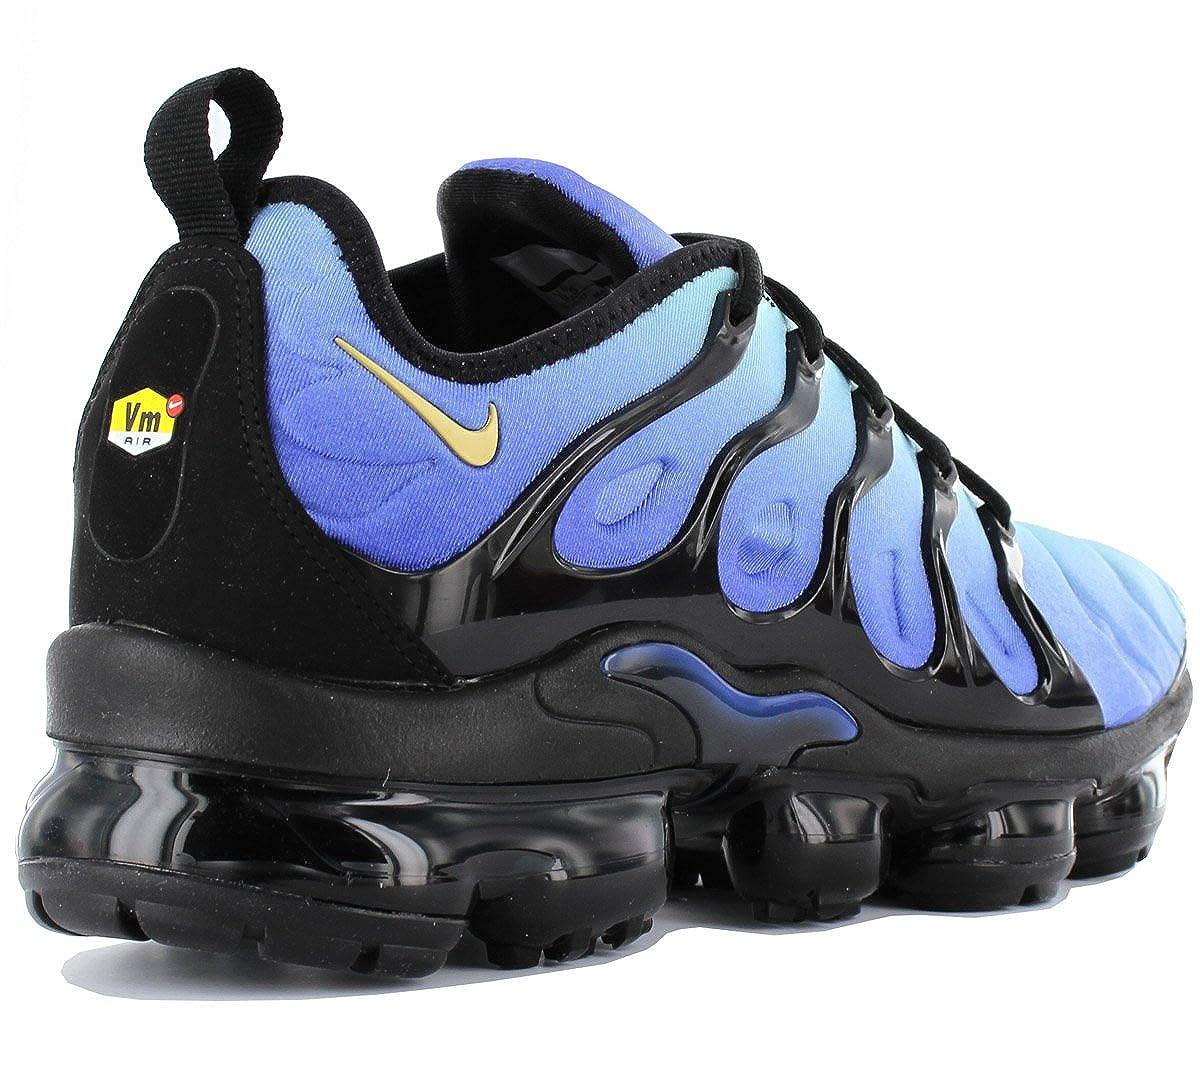 d6258e2c112 NIKE AIR Vapormax Plus - 924453-008  Amazon.co.uk  Shoes   Bags